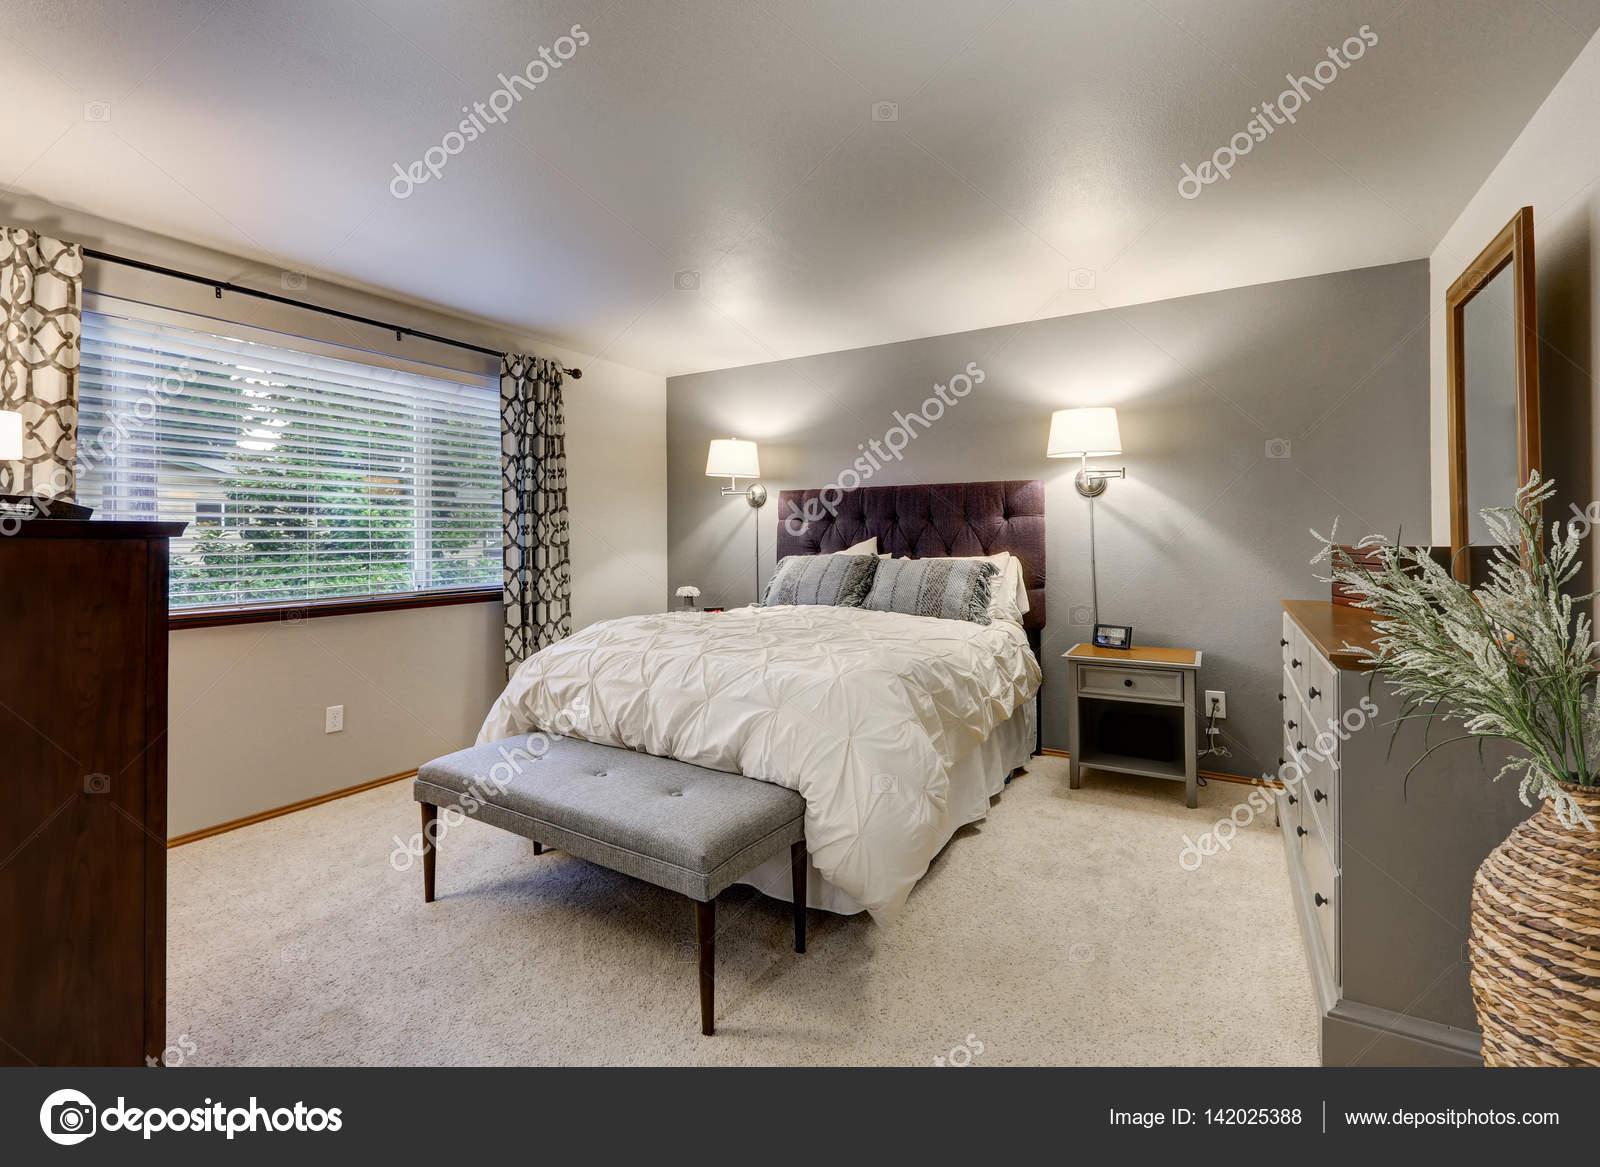 Mooie slaapkamer met grijs accent muur  Stockfoto